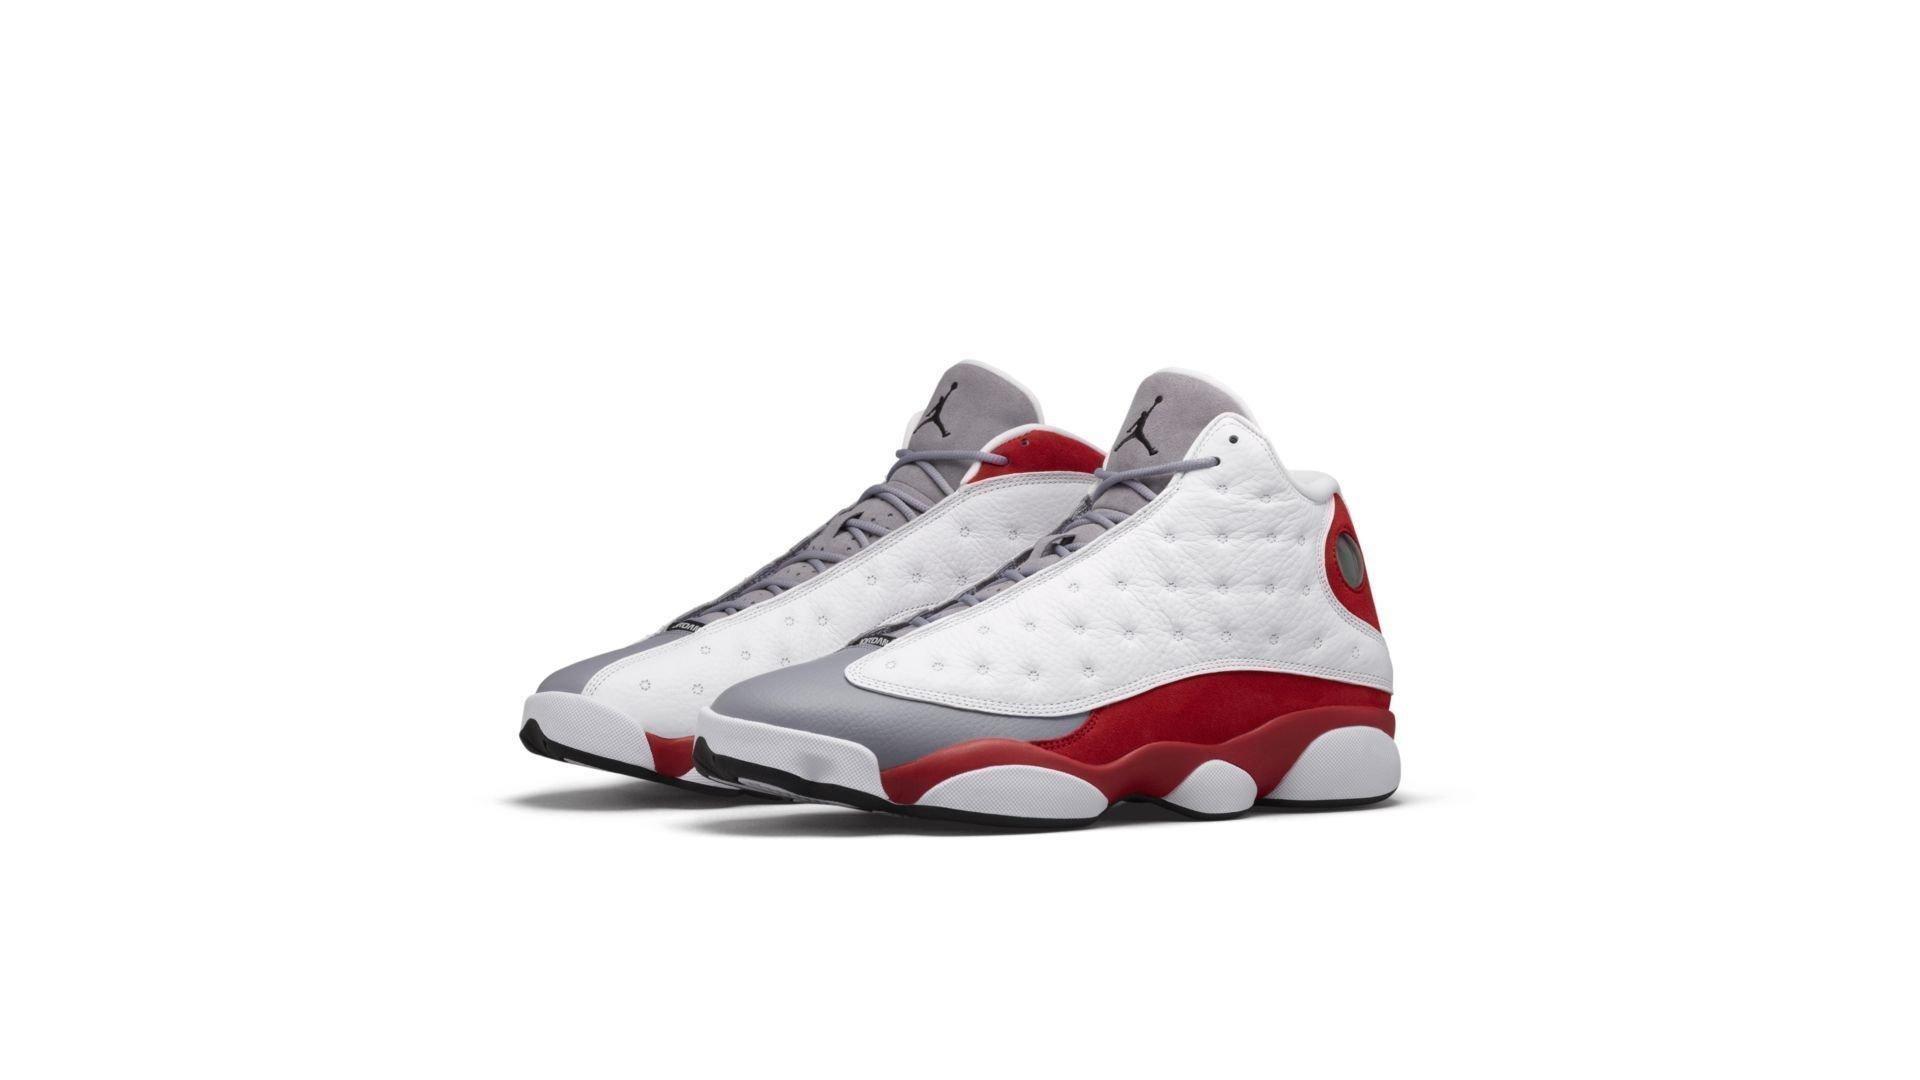 Jordan 13 Retro Grey Toe (2014) (414571-126)